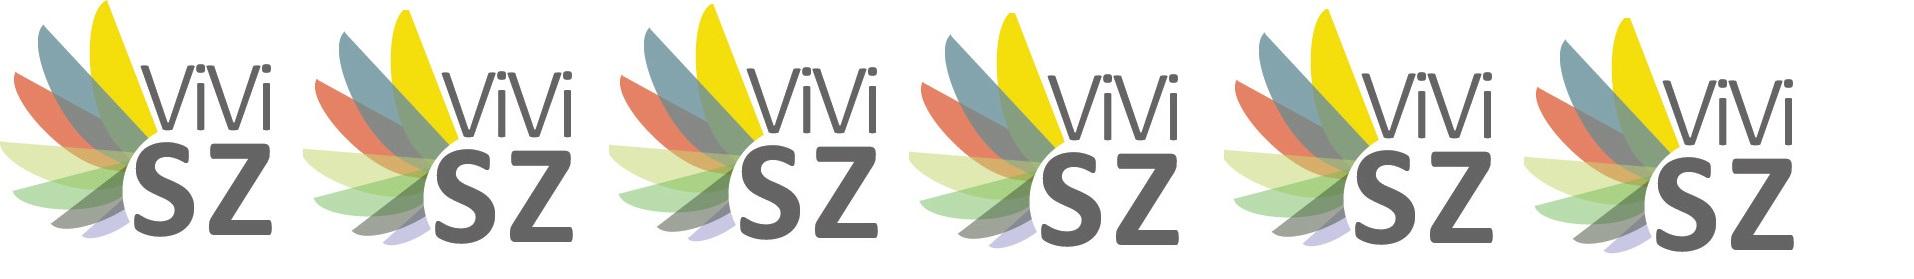 logo vivi sz (002)